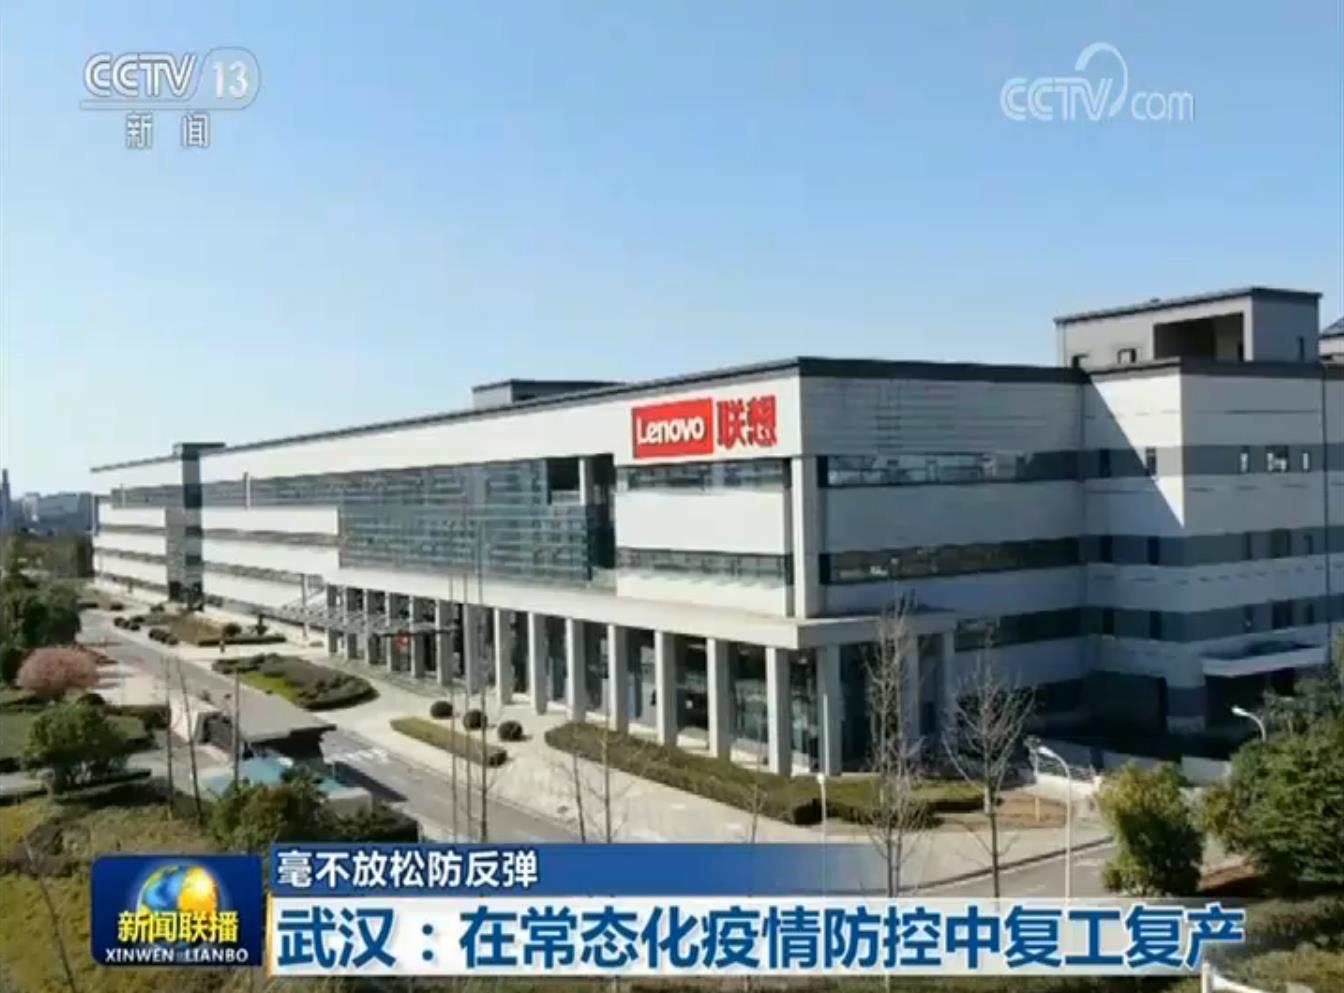 武汉:在常态化疫情防控中复工复产图片